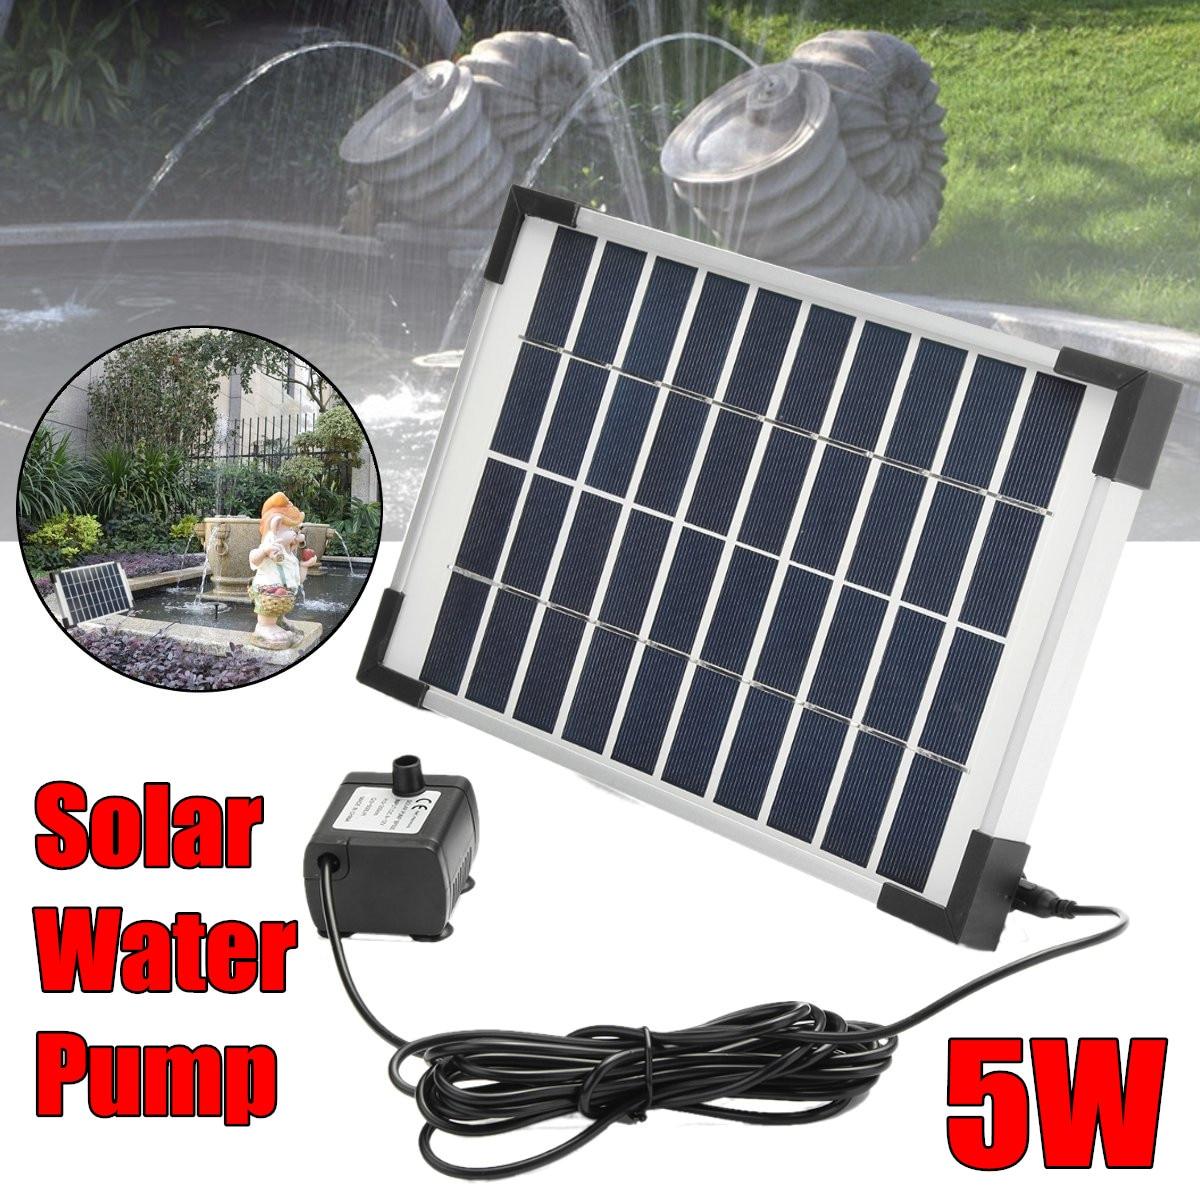 Sanitär 5 W 500l/h Micro Solar Energie Brunnen Pumpe Mini Wasserpumpe Für Teich Brunnen Steingarten Brunnen Garten Brunnen Garten Decor